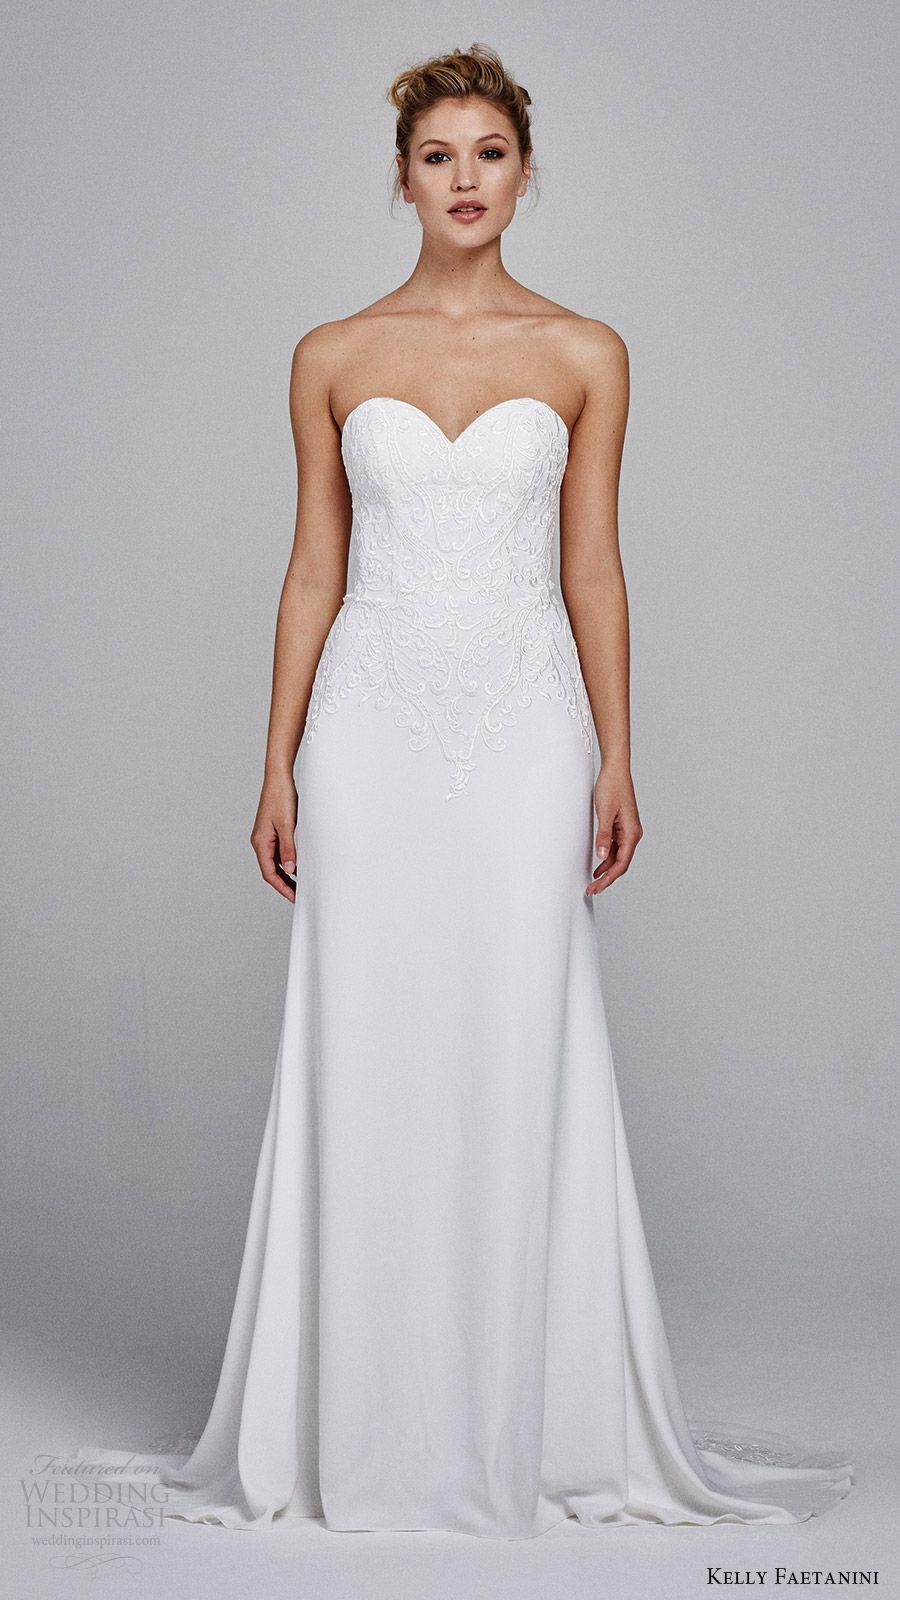 Kelly faetanini fall wedding dresses wedding dress weddings